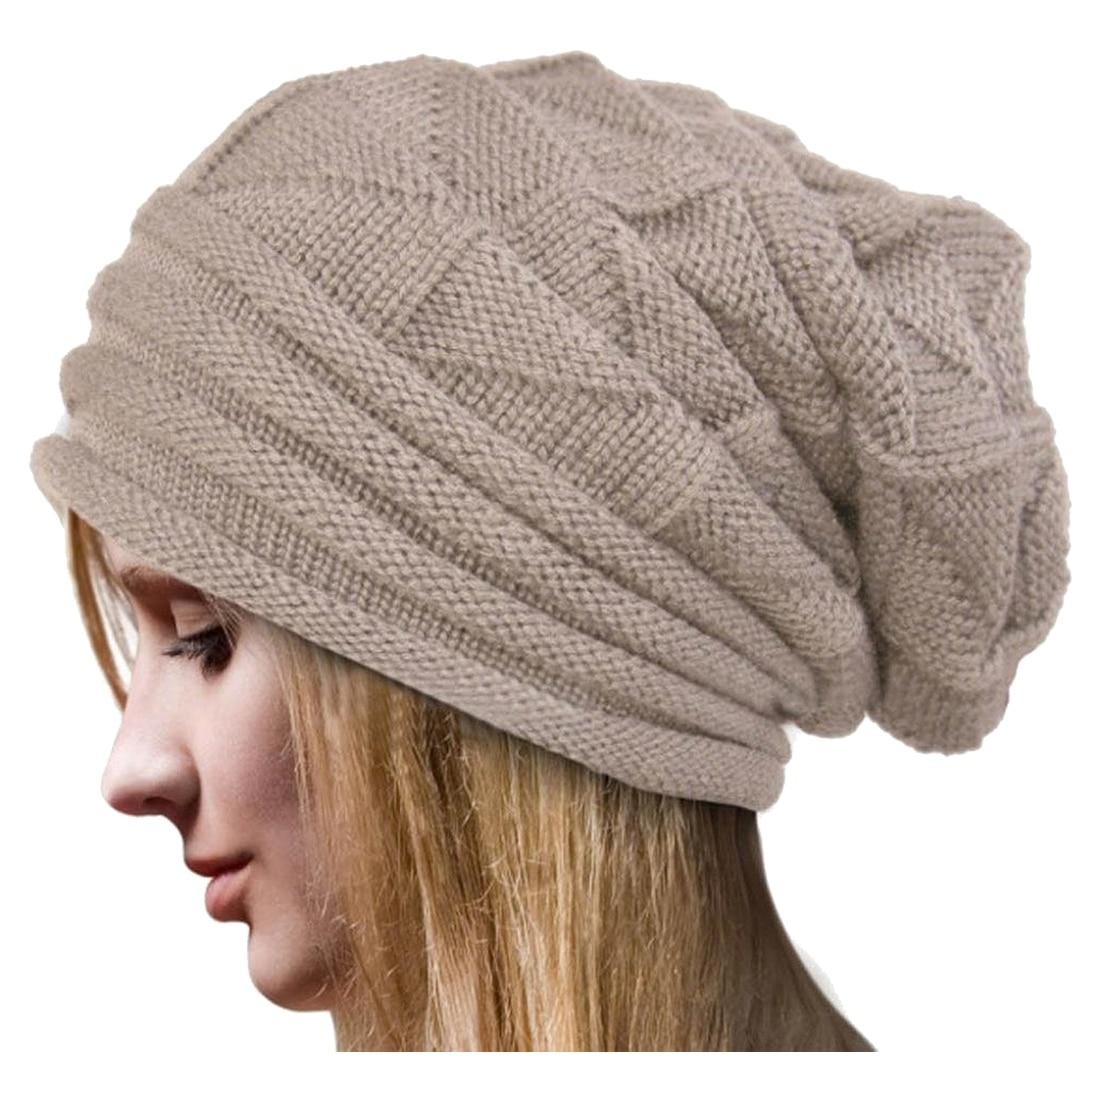 Women Winter Crochet Hat Ski woolen yarn Knit Beanie Warm Caps Oversized, Beige warm keeping woolen yarn hat w mouth mask black grey